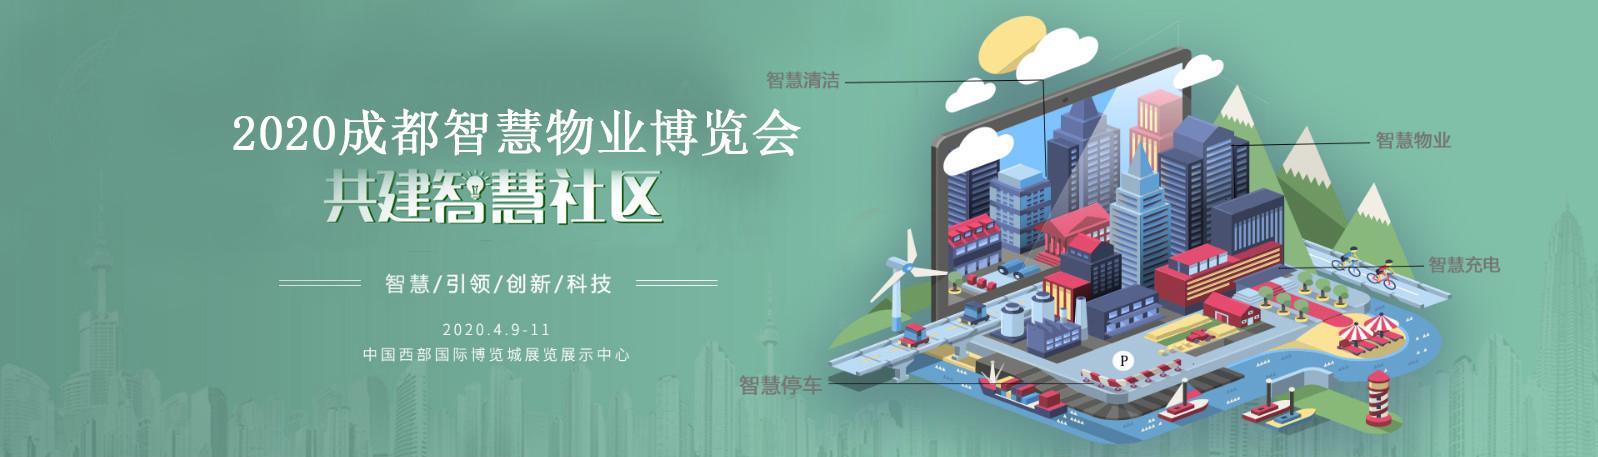 2020成都智慧物业博览会招商正式启动